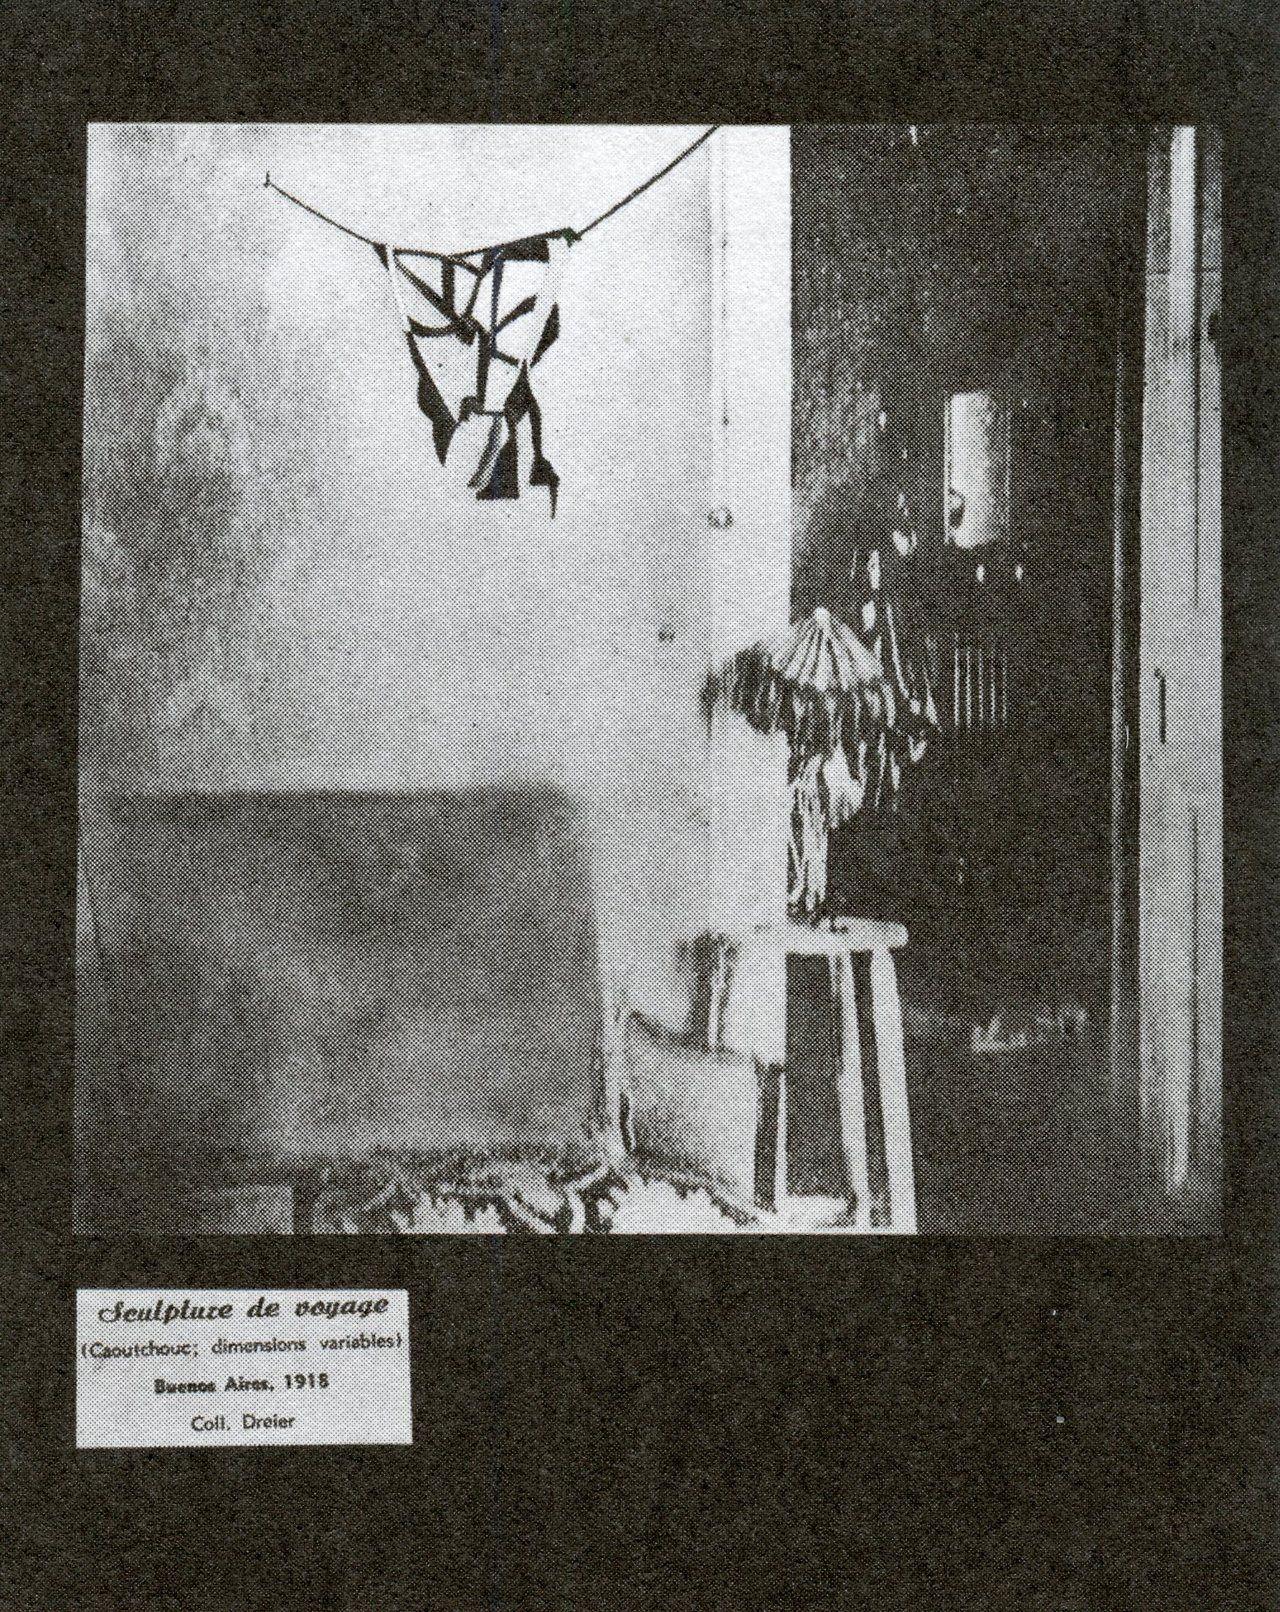 Marcel Duchamp. Sculptures of voyage.